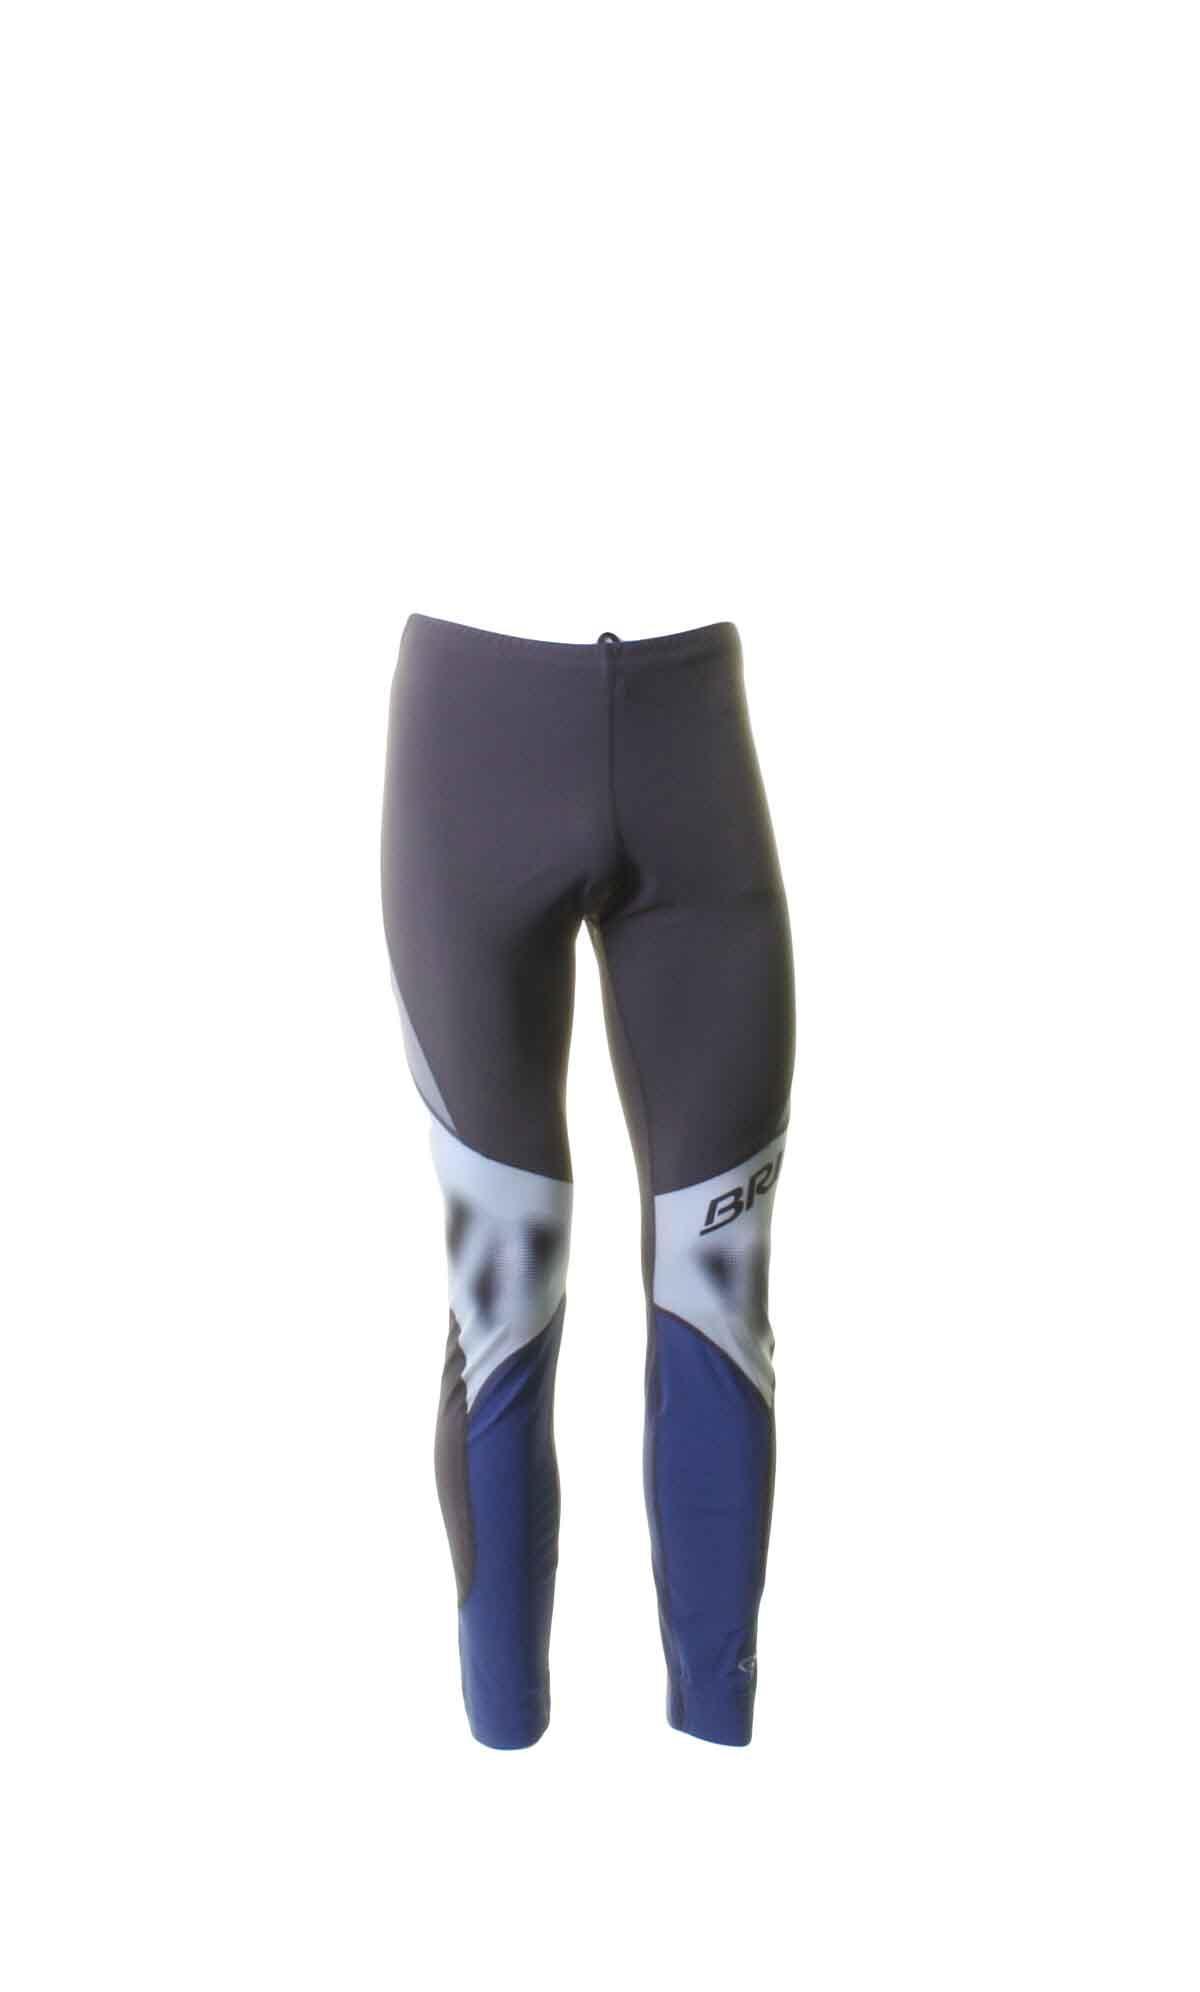 Acquista Pantaloni Lunghi Sci Fondo Uomo 17489626   Glooke.com